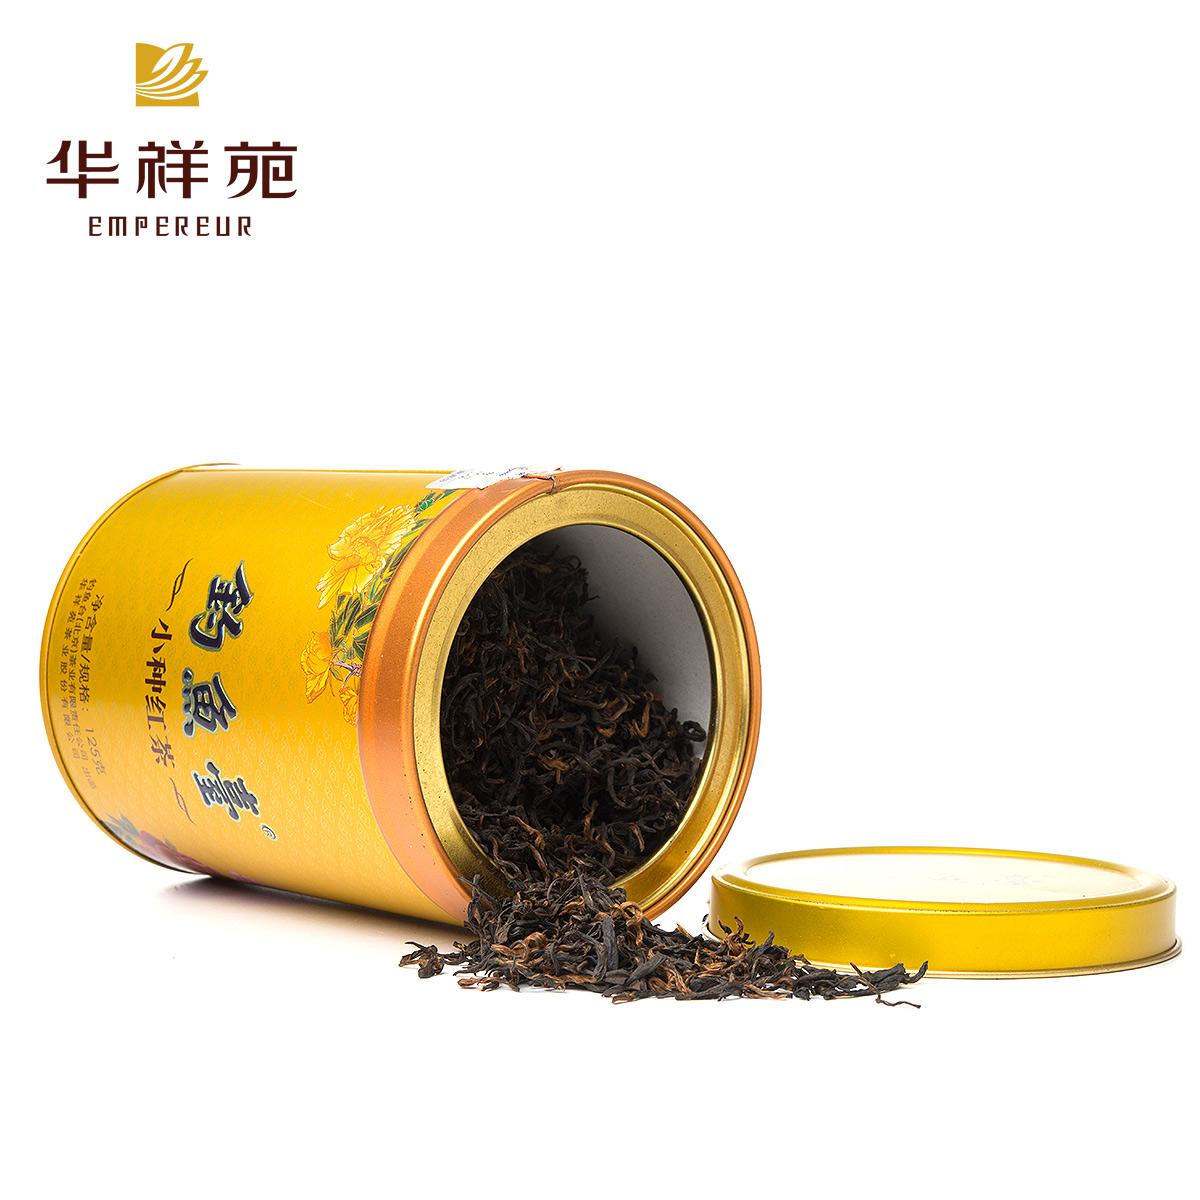 武夷山小种红茶茶叶散装罐装茶叶正品包邮 钓鱼台茶 华祥苑茶叶